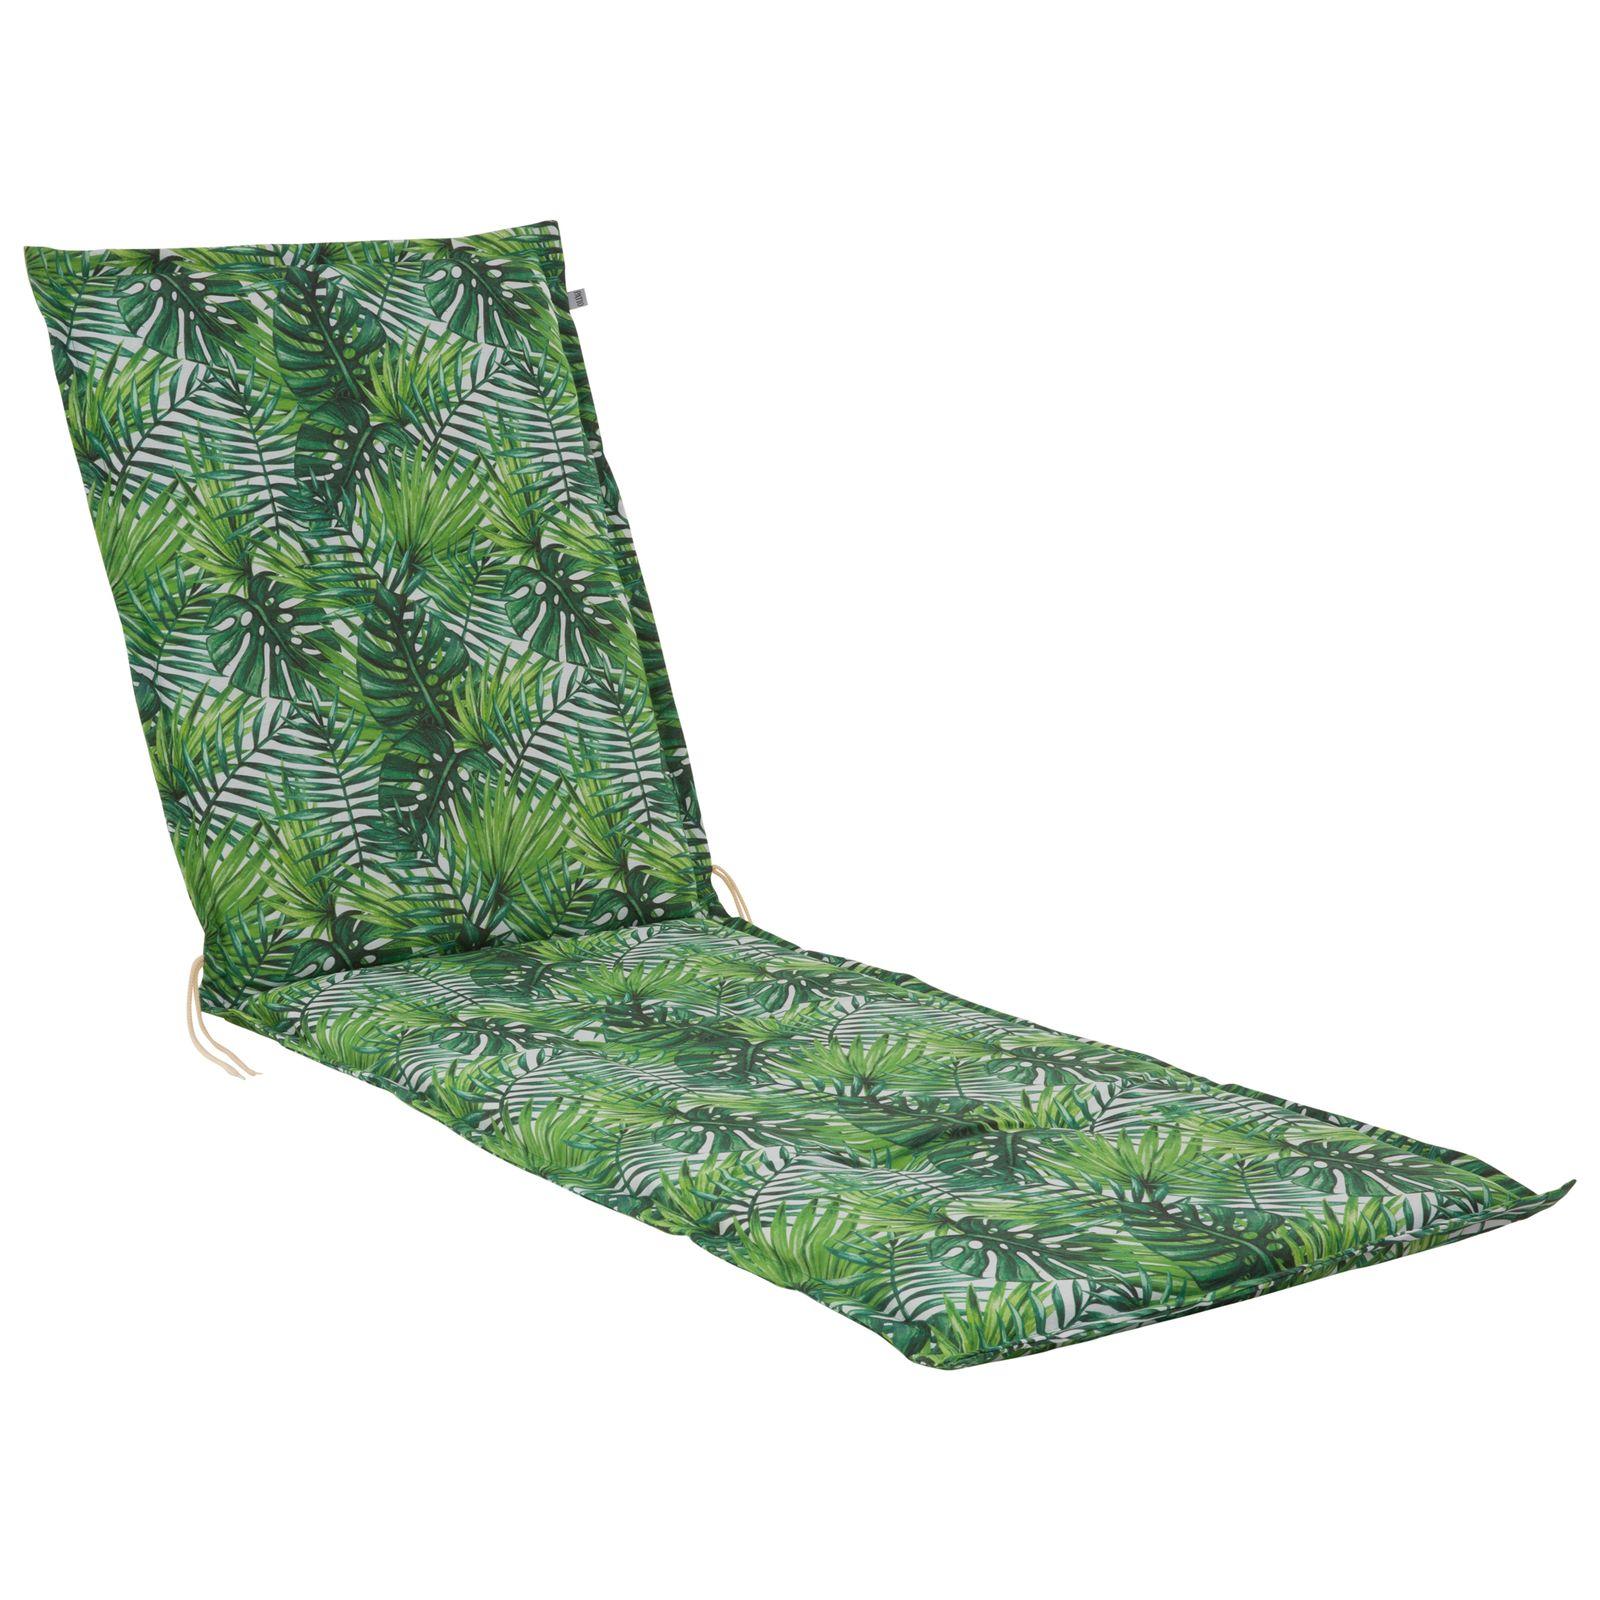 Poduszka na leżak / łóżko Malezja Liege 5 cm G035-02LB PATIO